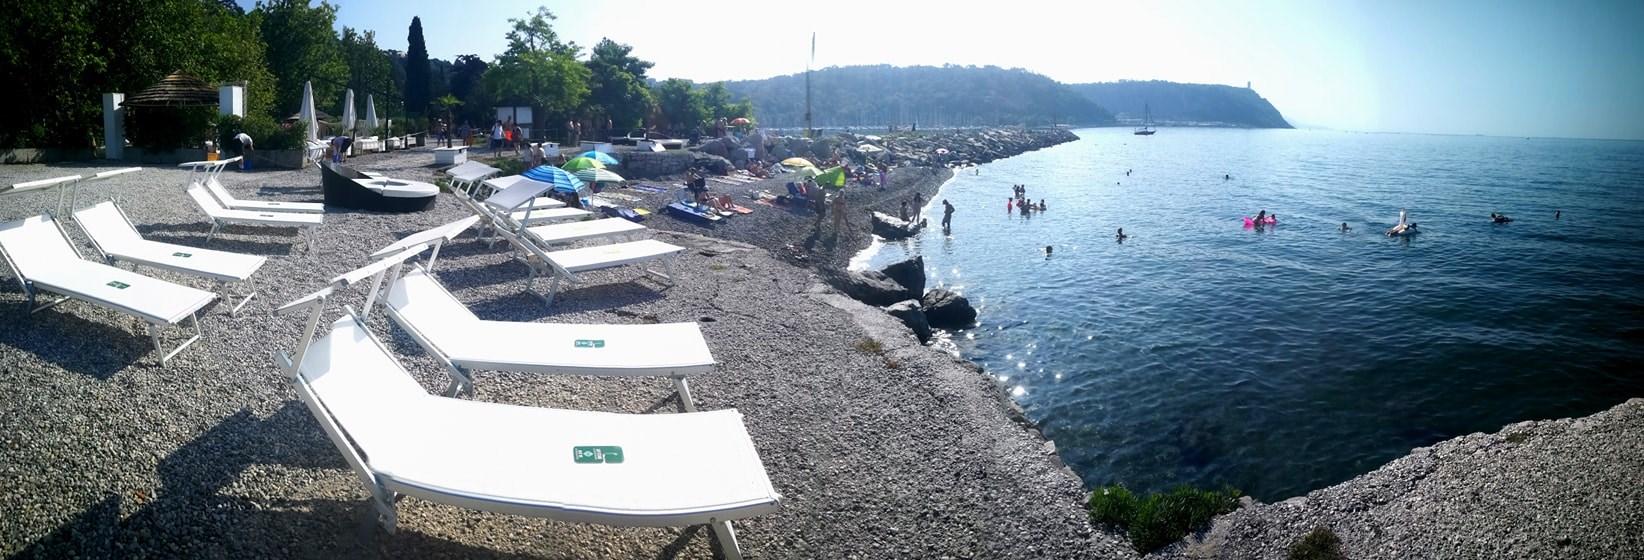 Bagno Castelreggio